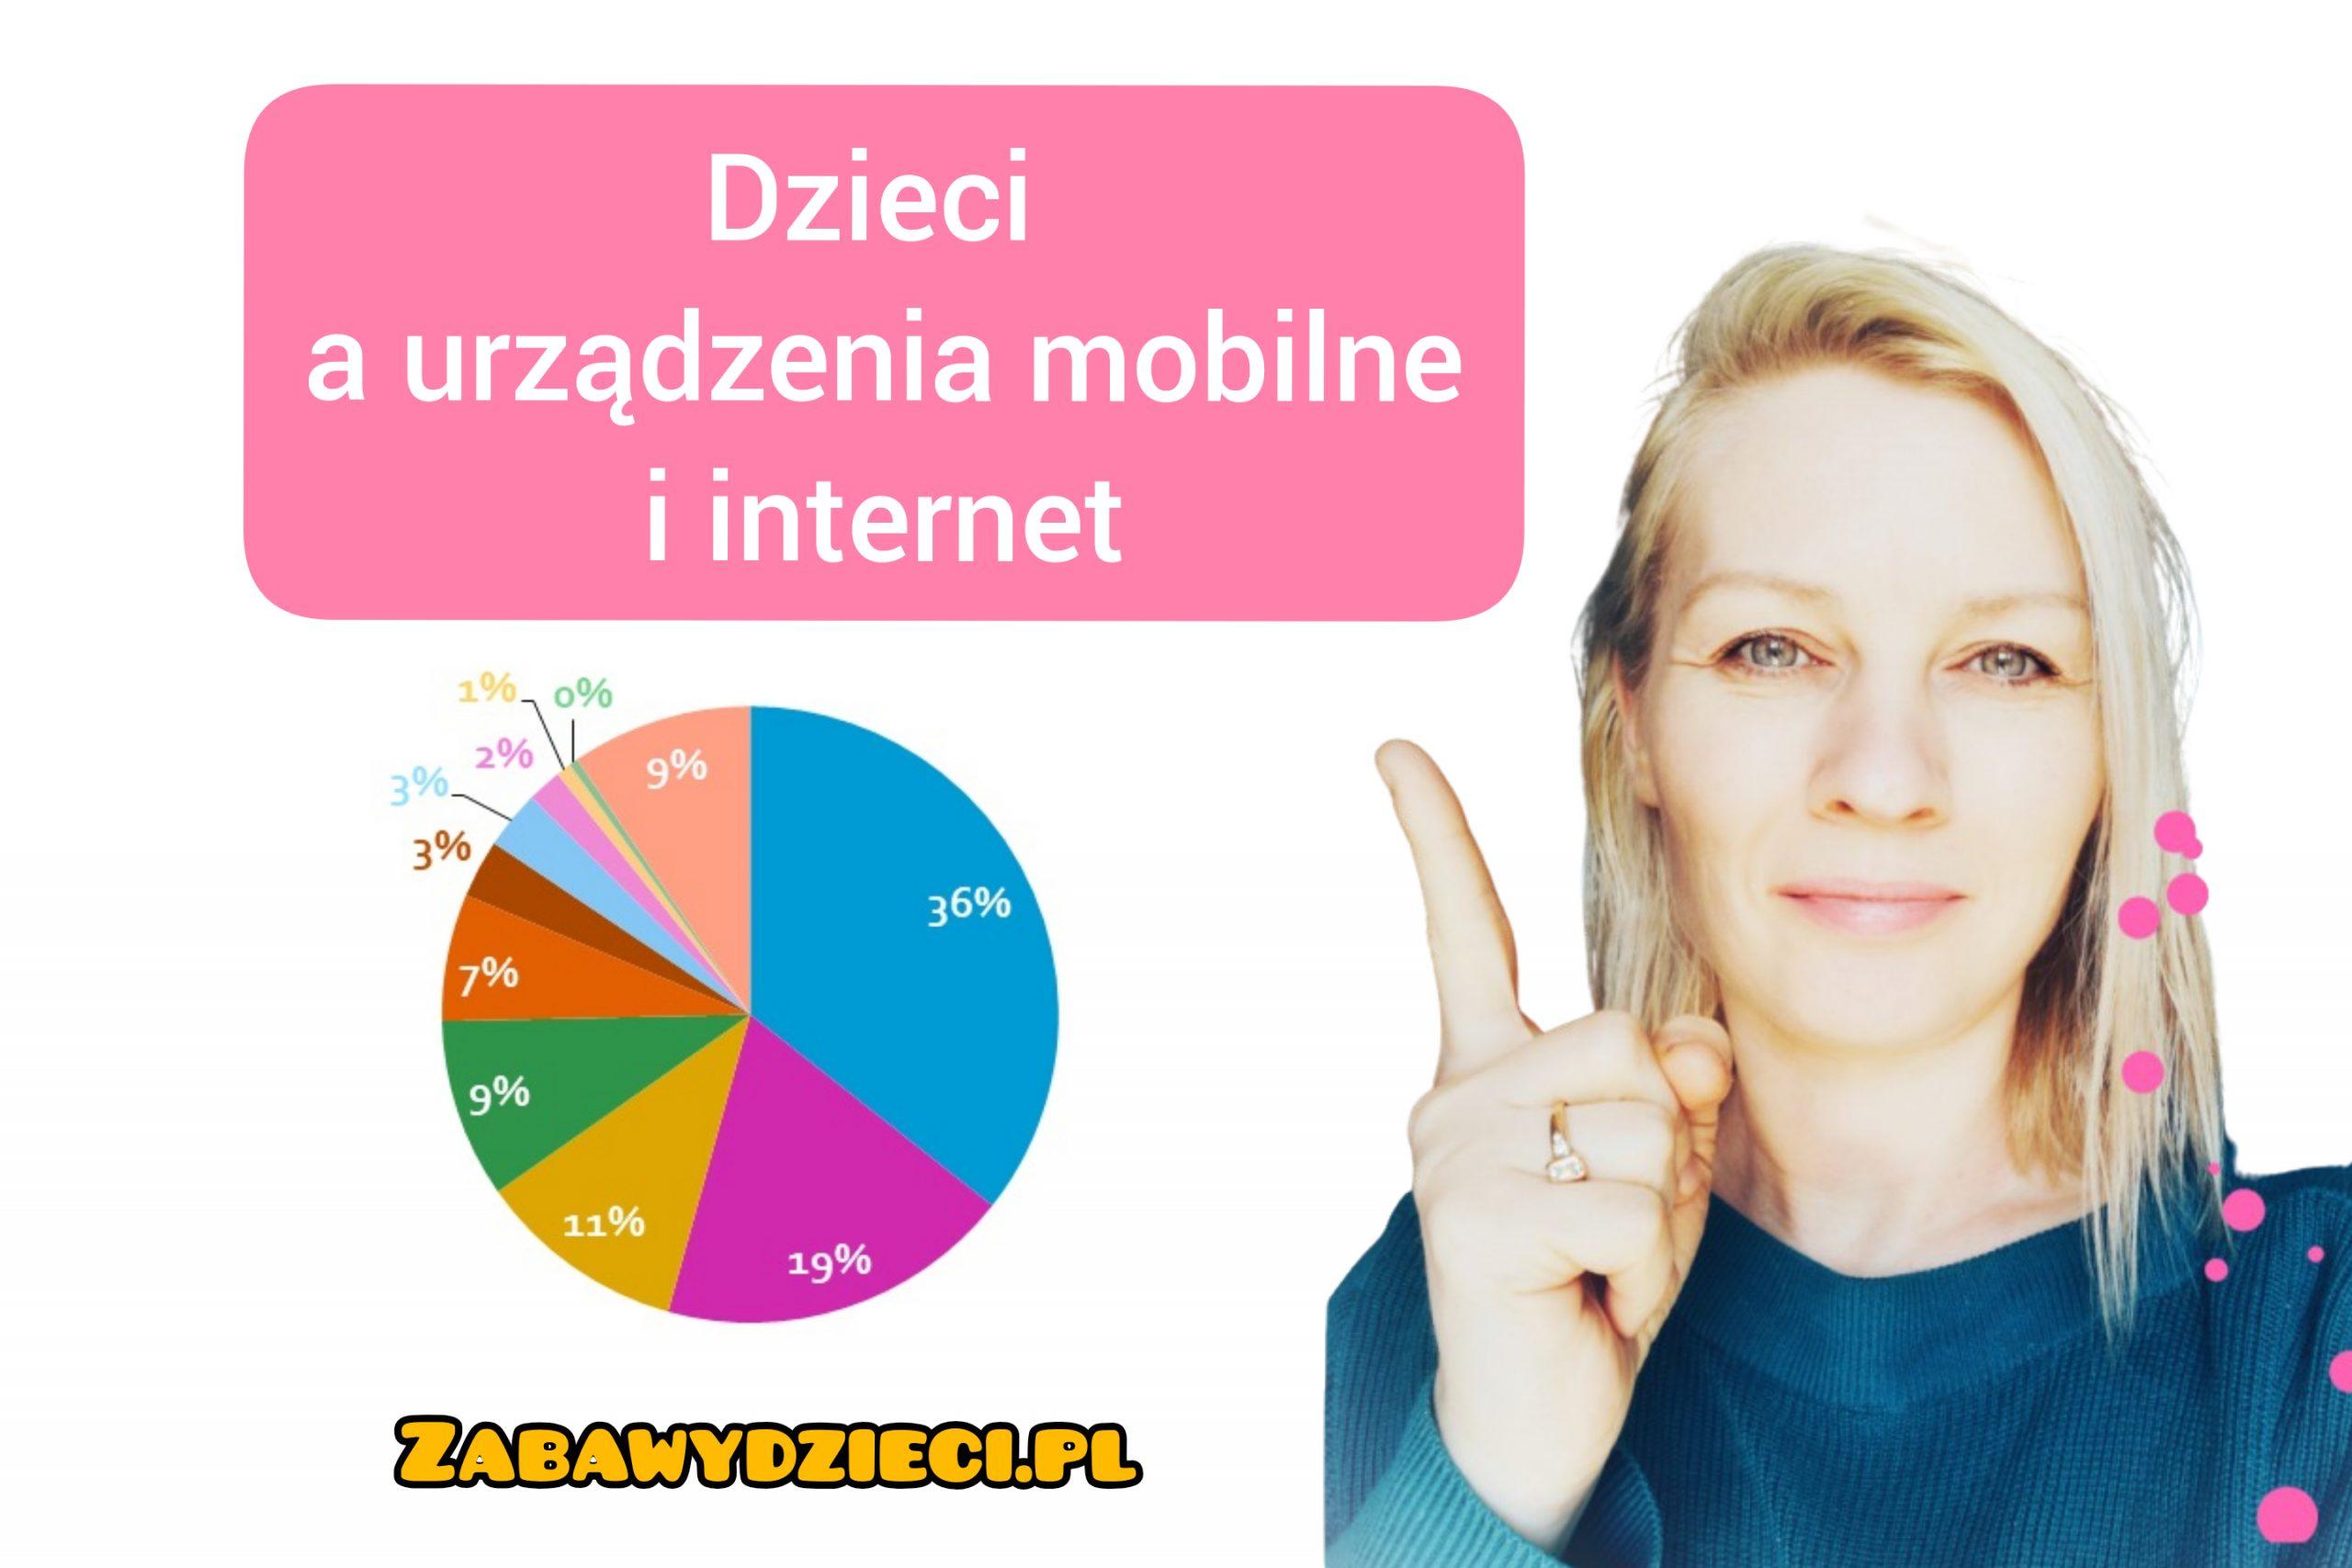 dzieci a urządzenia mobilne i internet